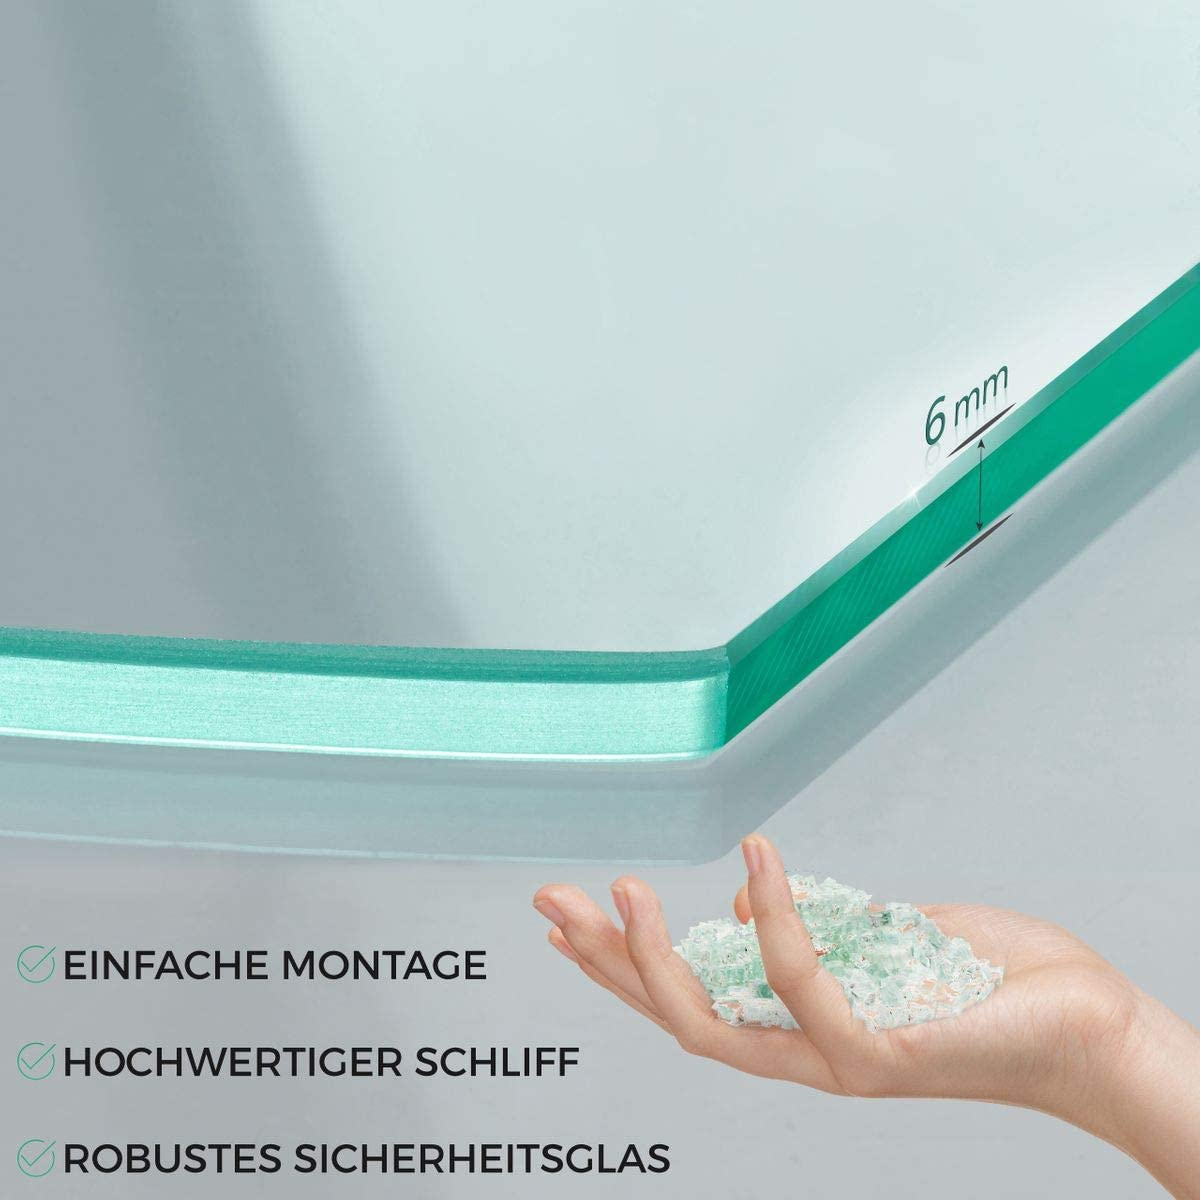 Glasregal Wandregal Glasablage Glasregalboden Badablage Glas Regal aus 6 mm Sicherheitsglas 60 x 10,16 x 0,6 cm